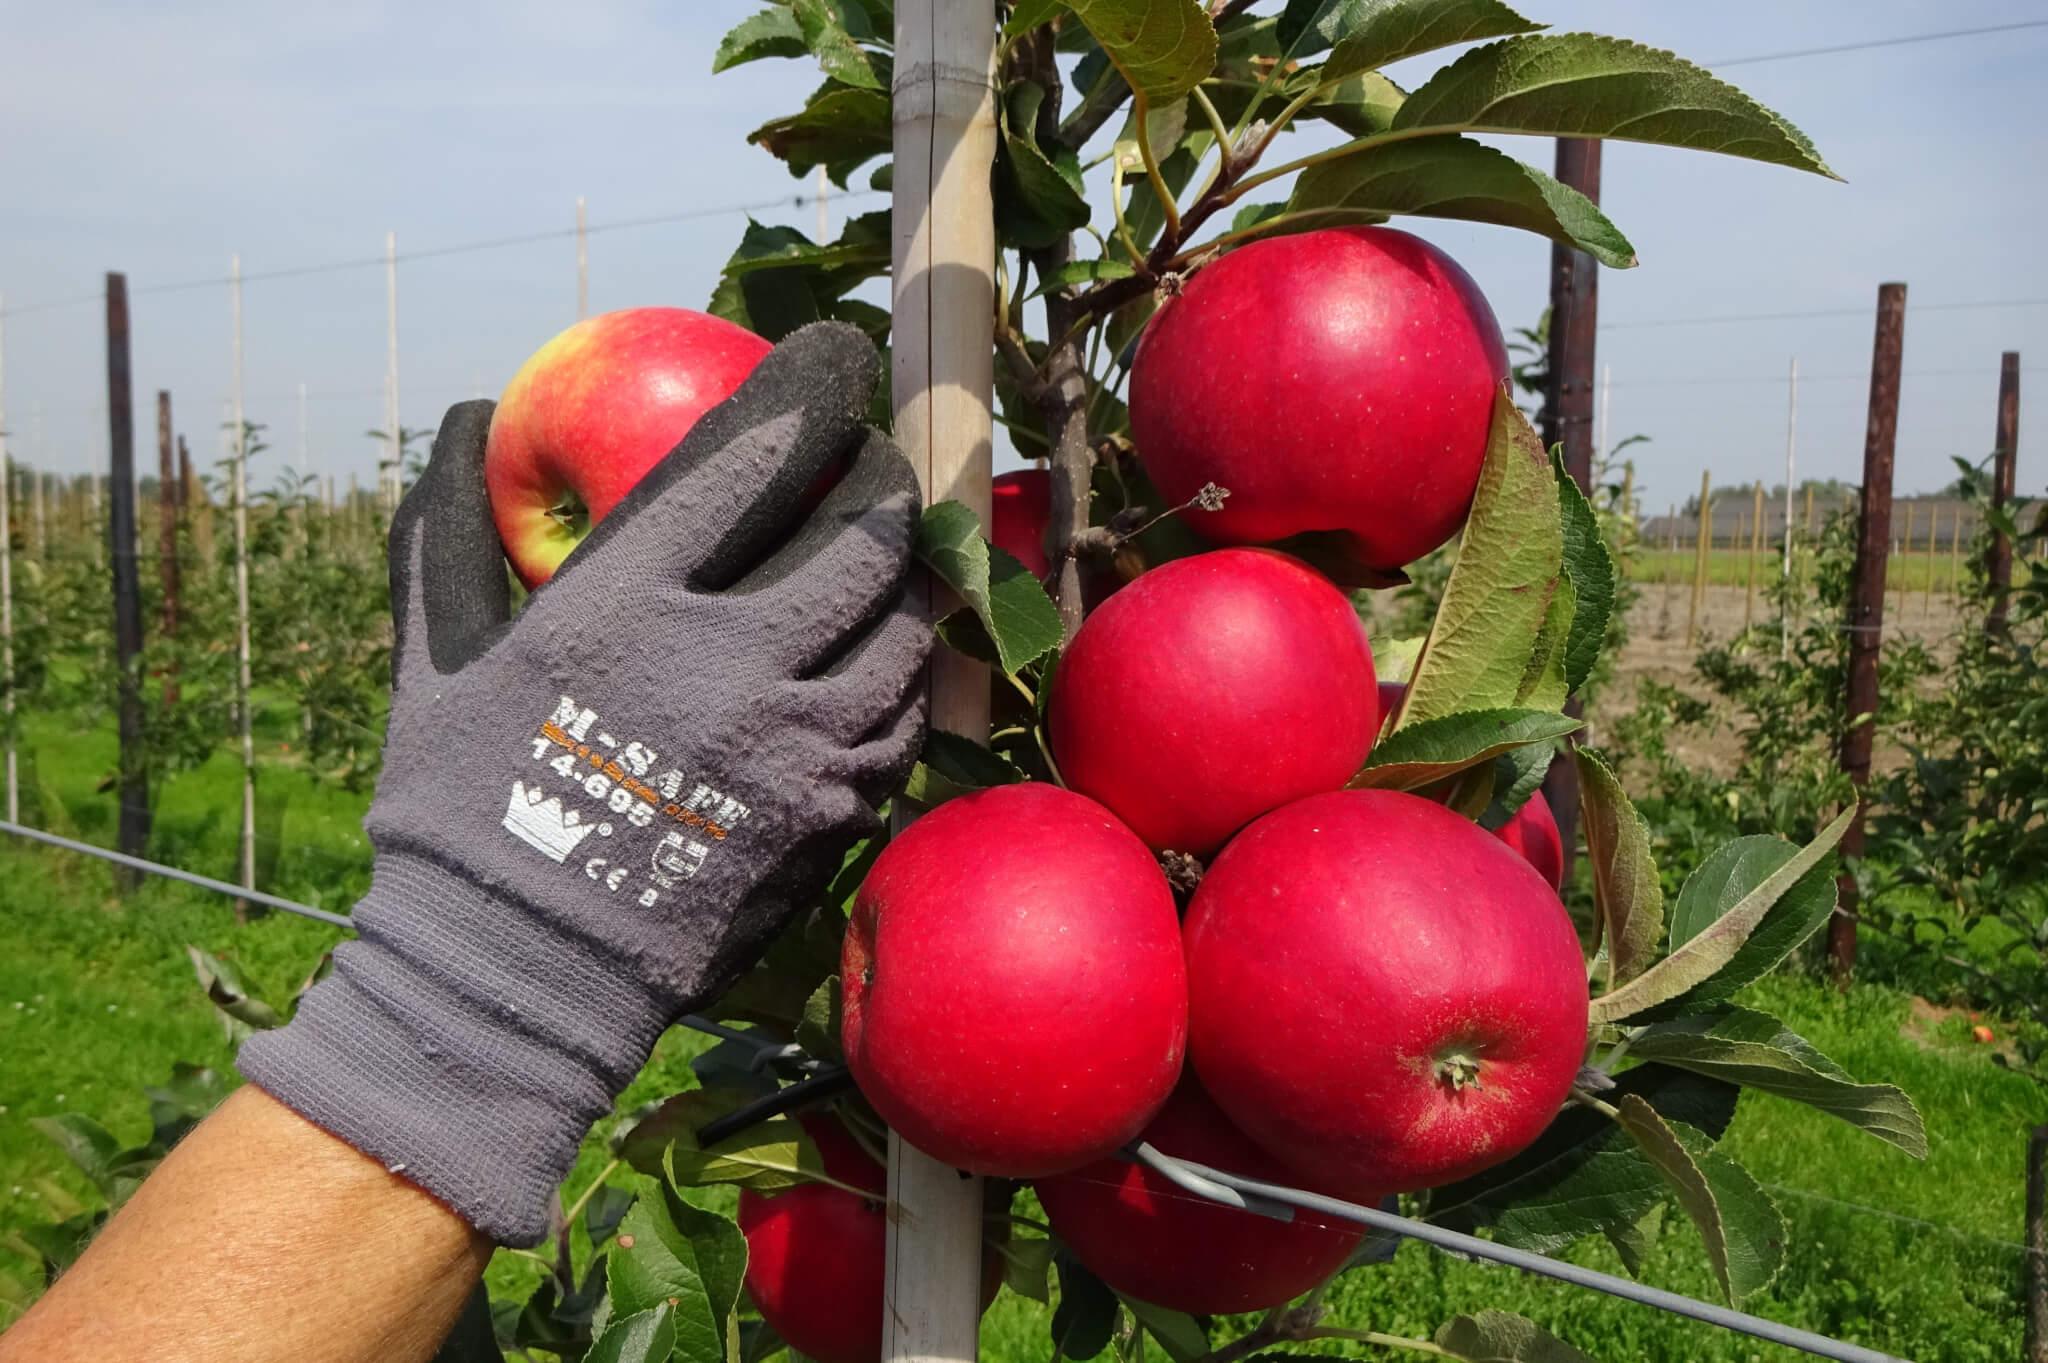 Fruitbedrijf Van den Berge_Pluk 2017_1